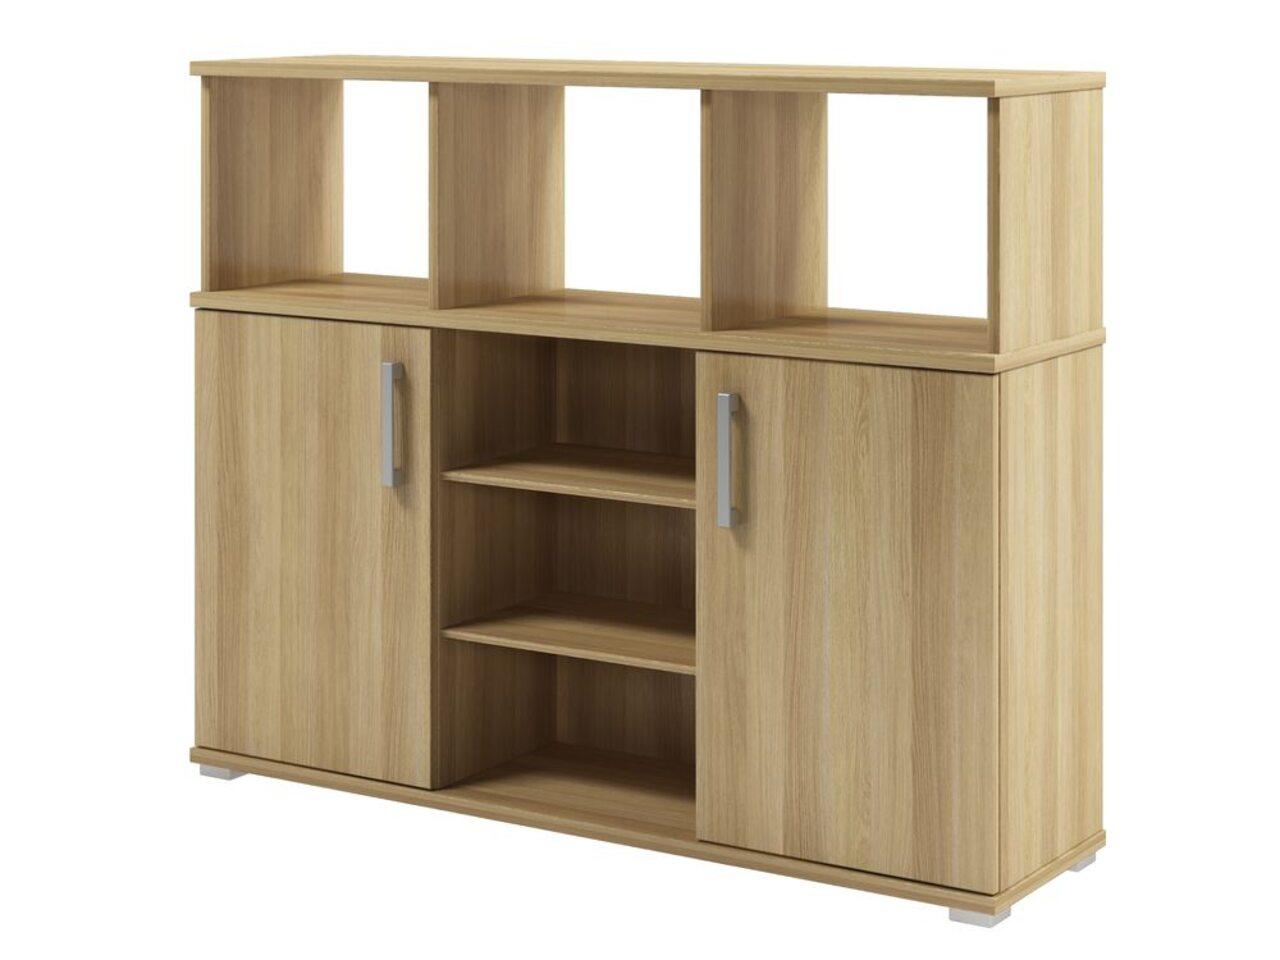 Шкаф приставной к двум столам  Space 134x35x108 - фото 3